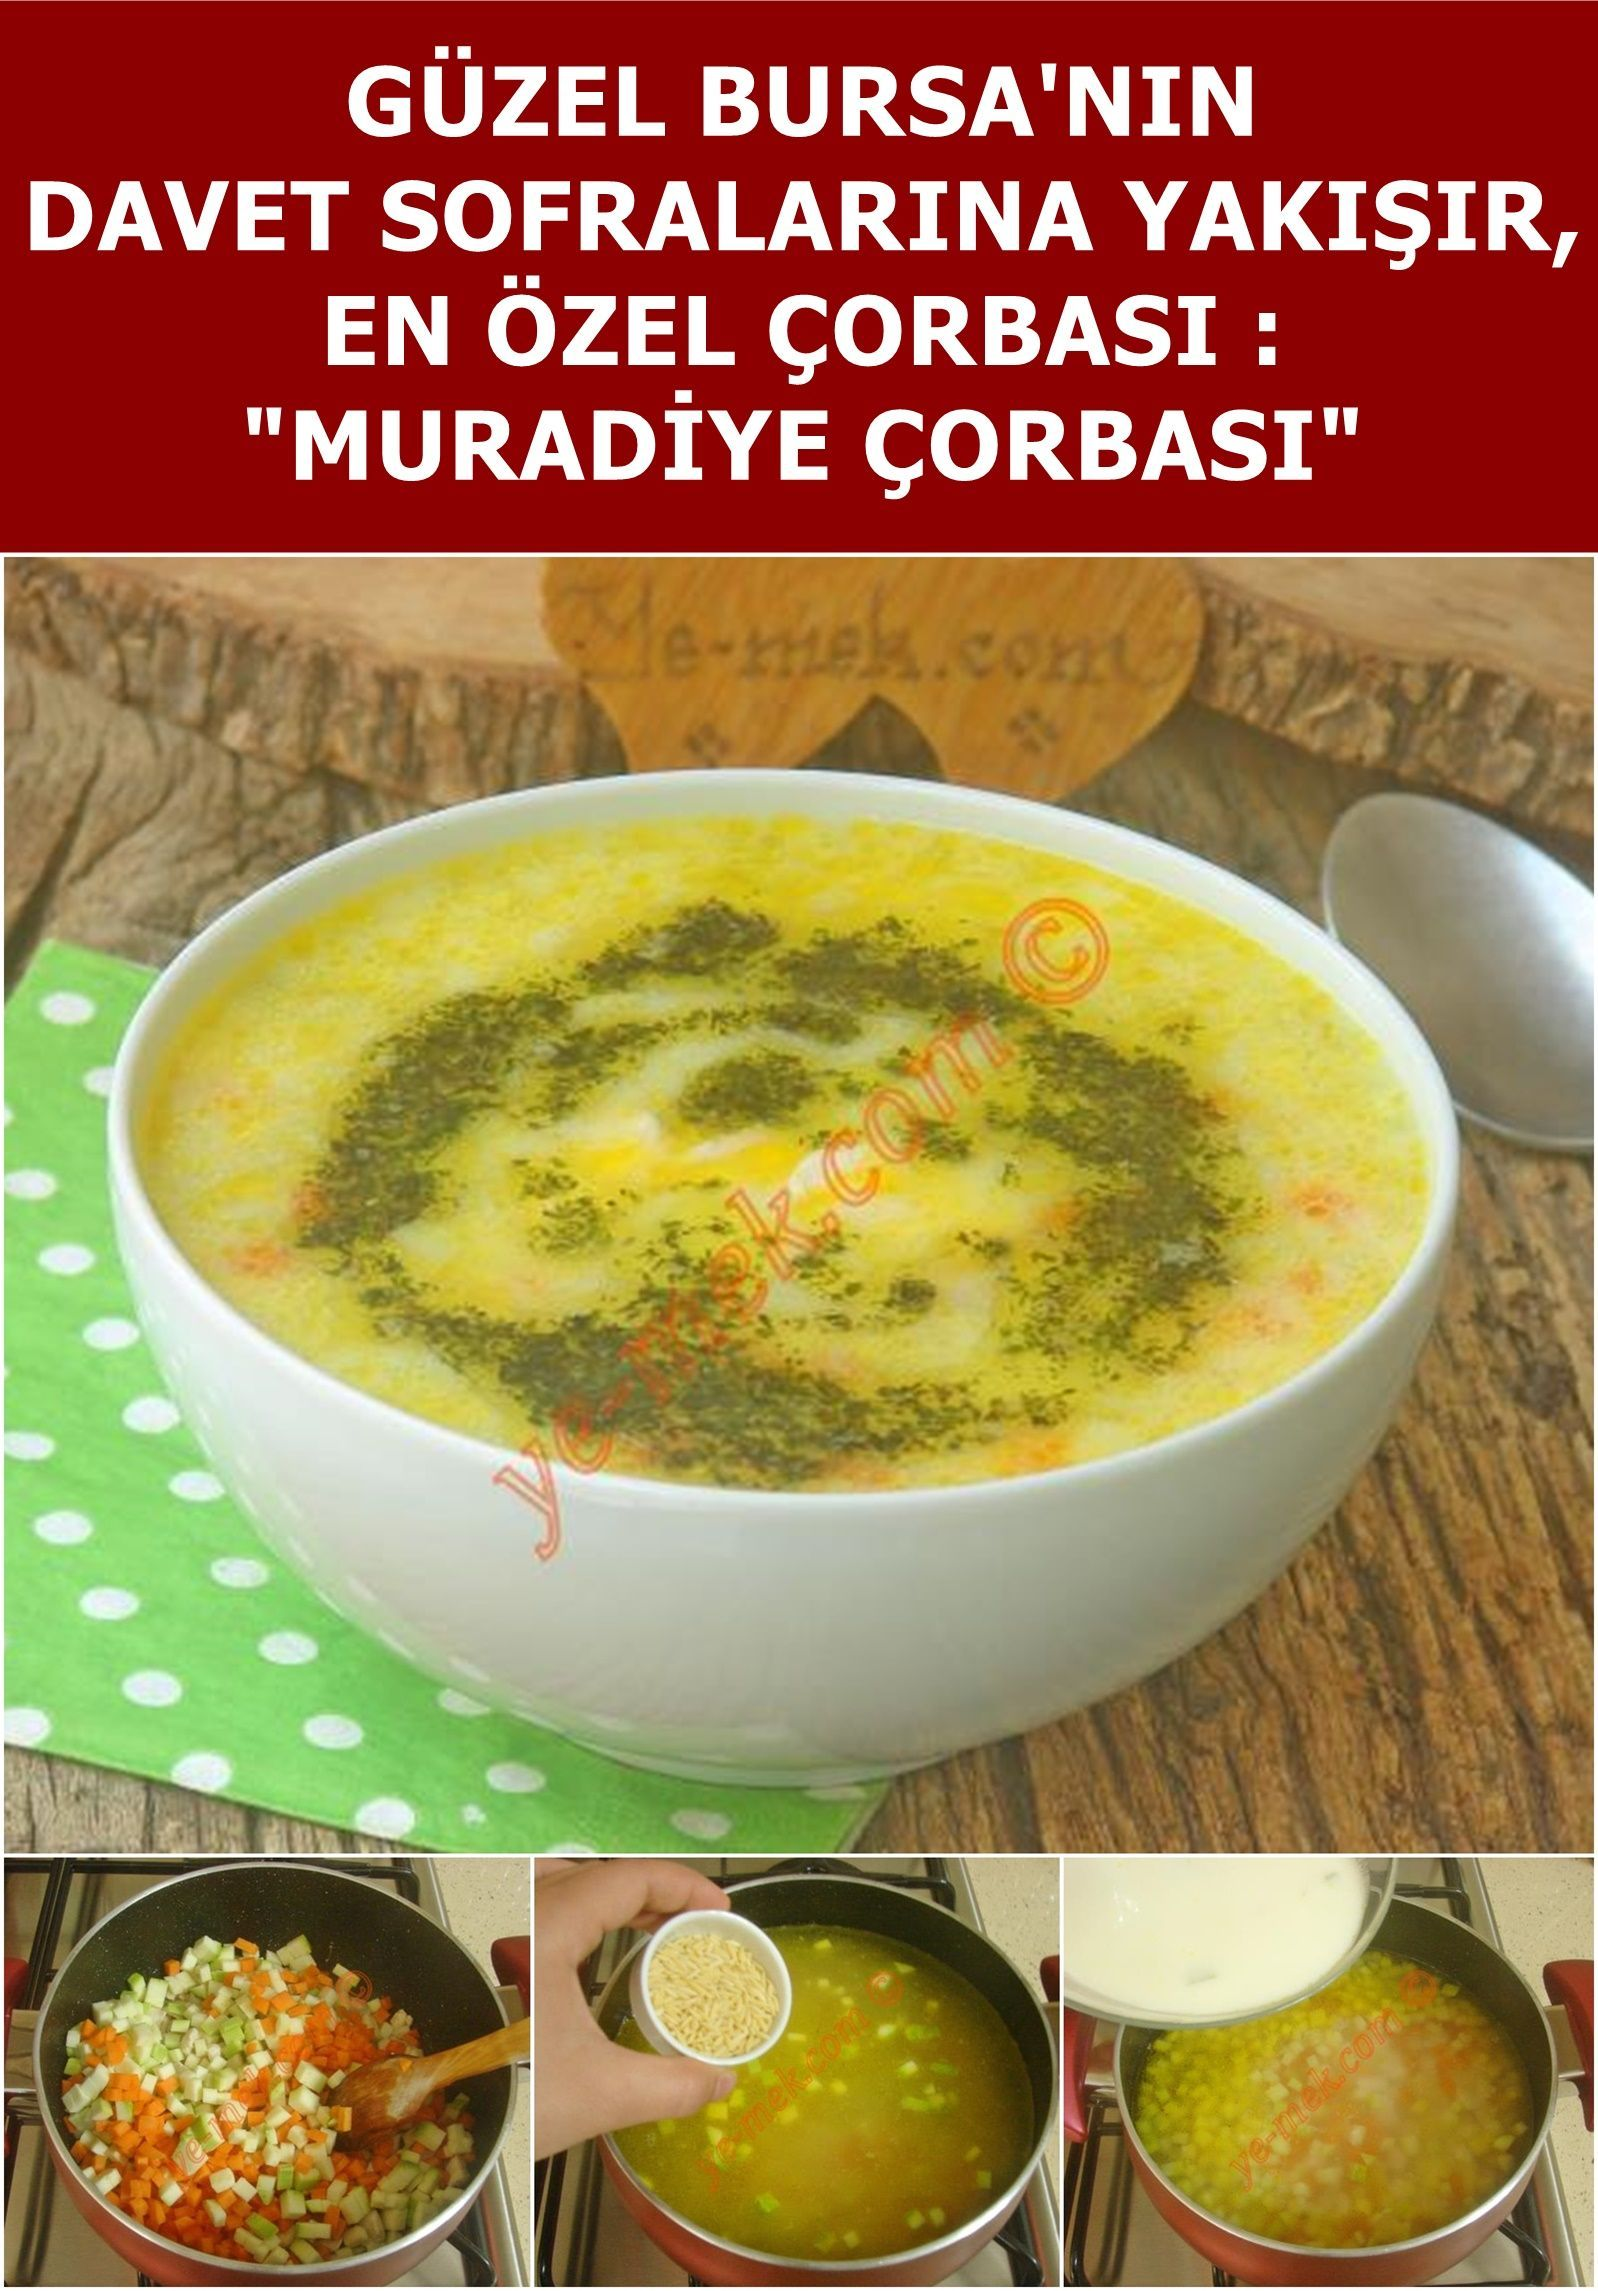 Muradiye Çorbası (Bursa Yöresi) # Güzel Bursa'nın en özel çorbalarından  biri... İçerisinde tavuk eti bulunduran v…   Delicious soup, Delicious soup  recipes, Recipes